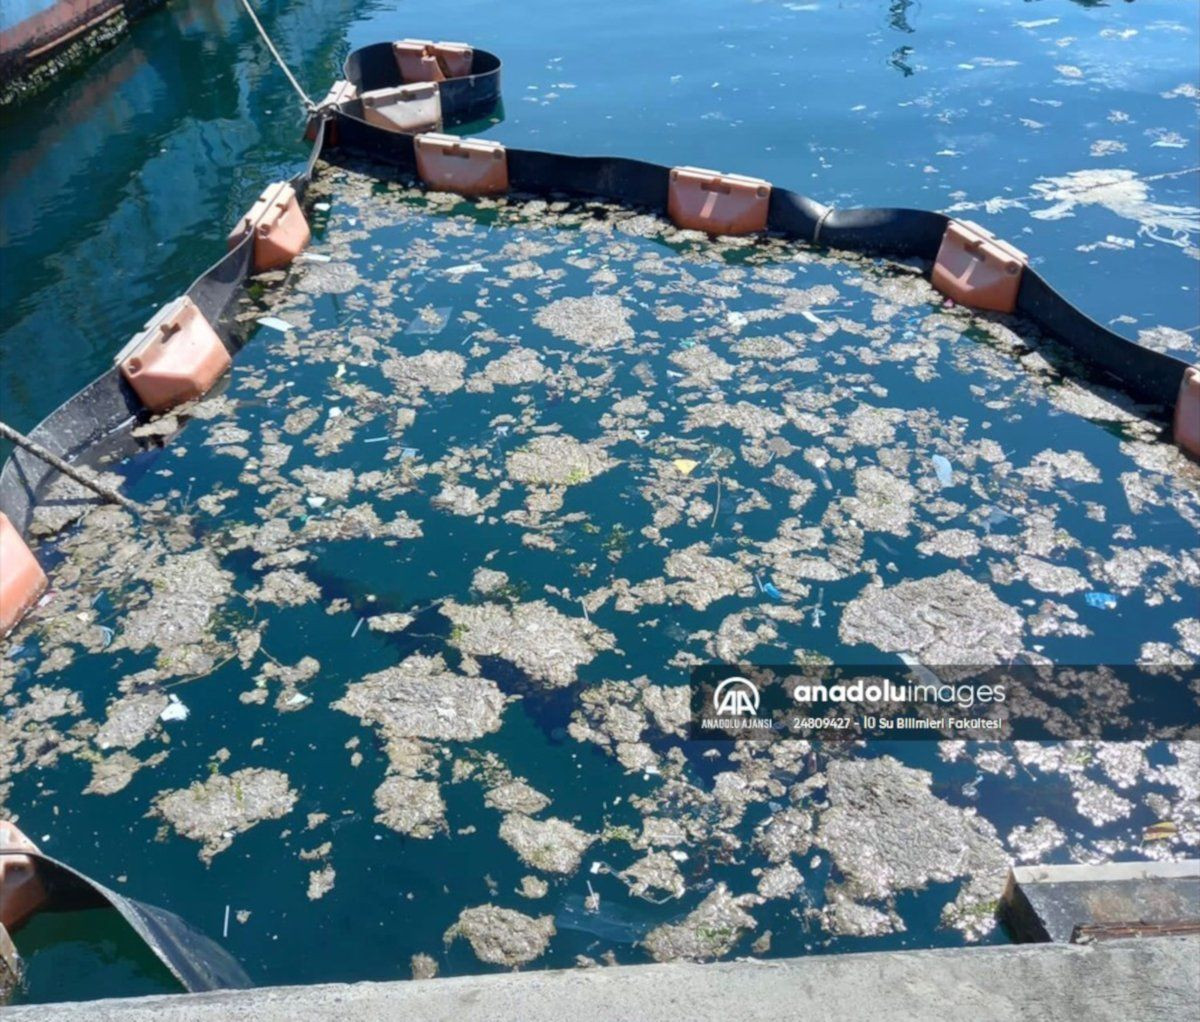 Müsilajı deniz bakterileriyle temizleme deneyinde başarılı sonuç - Sayfa 3